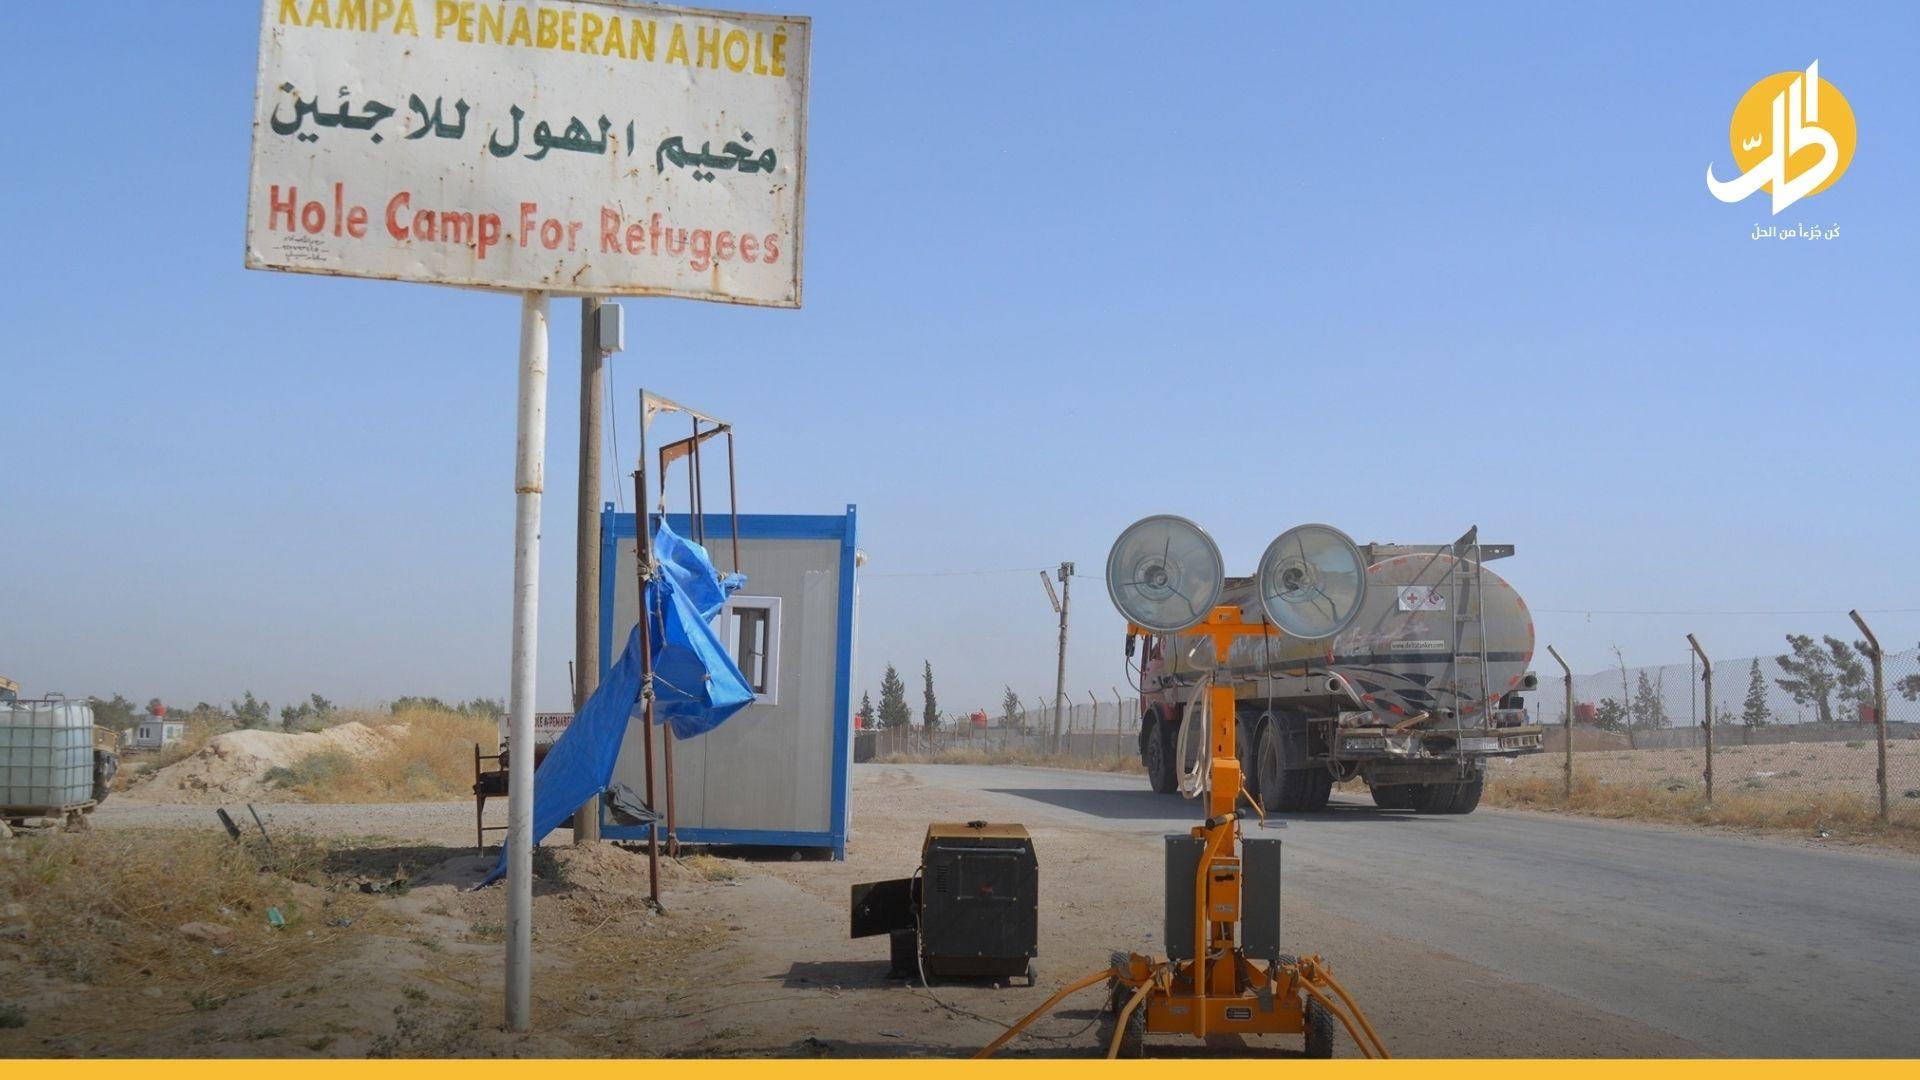 مخيم الهول.. اعتقال مسؤولين عن الاغتيالات وقلق أمريكي على أطفال المخيم